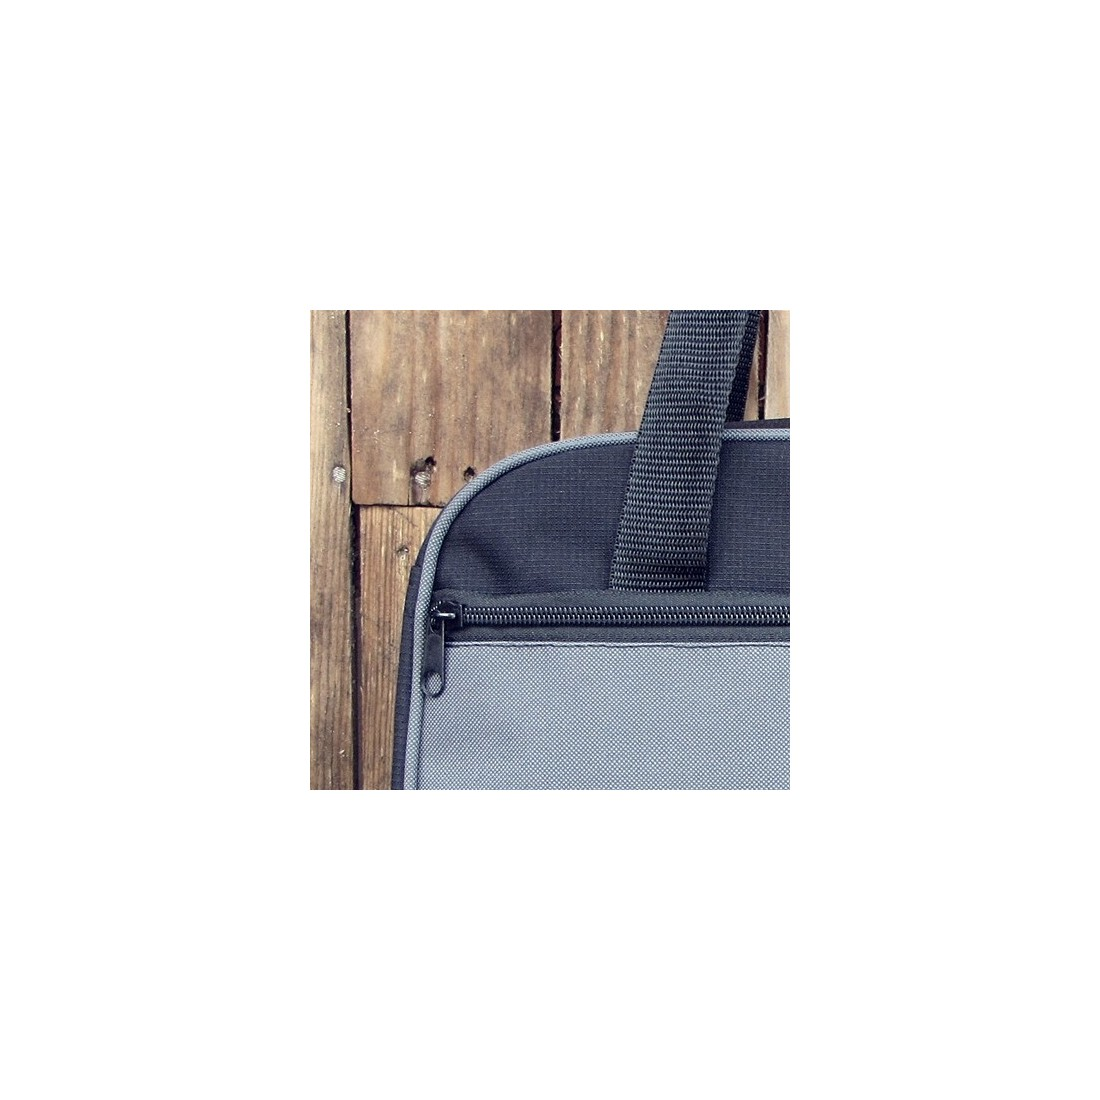 Torba Dodatkowy Bagaż Podręczny Ryanair 35x20x20cm - plecak-tornister.pl